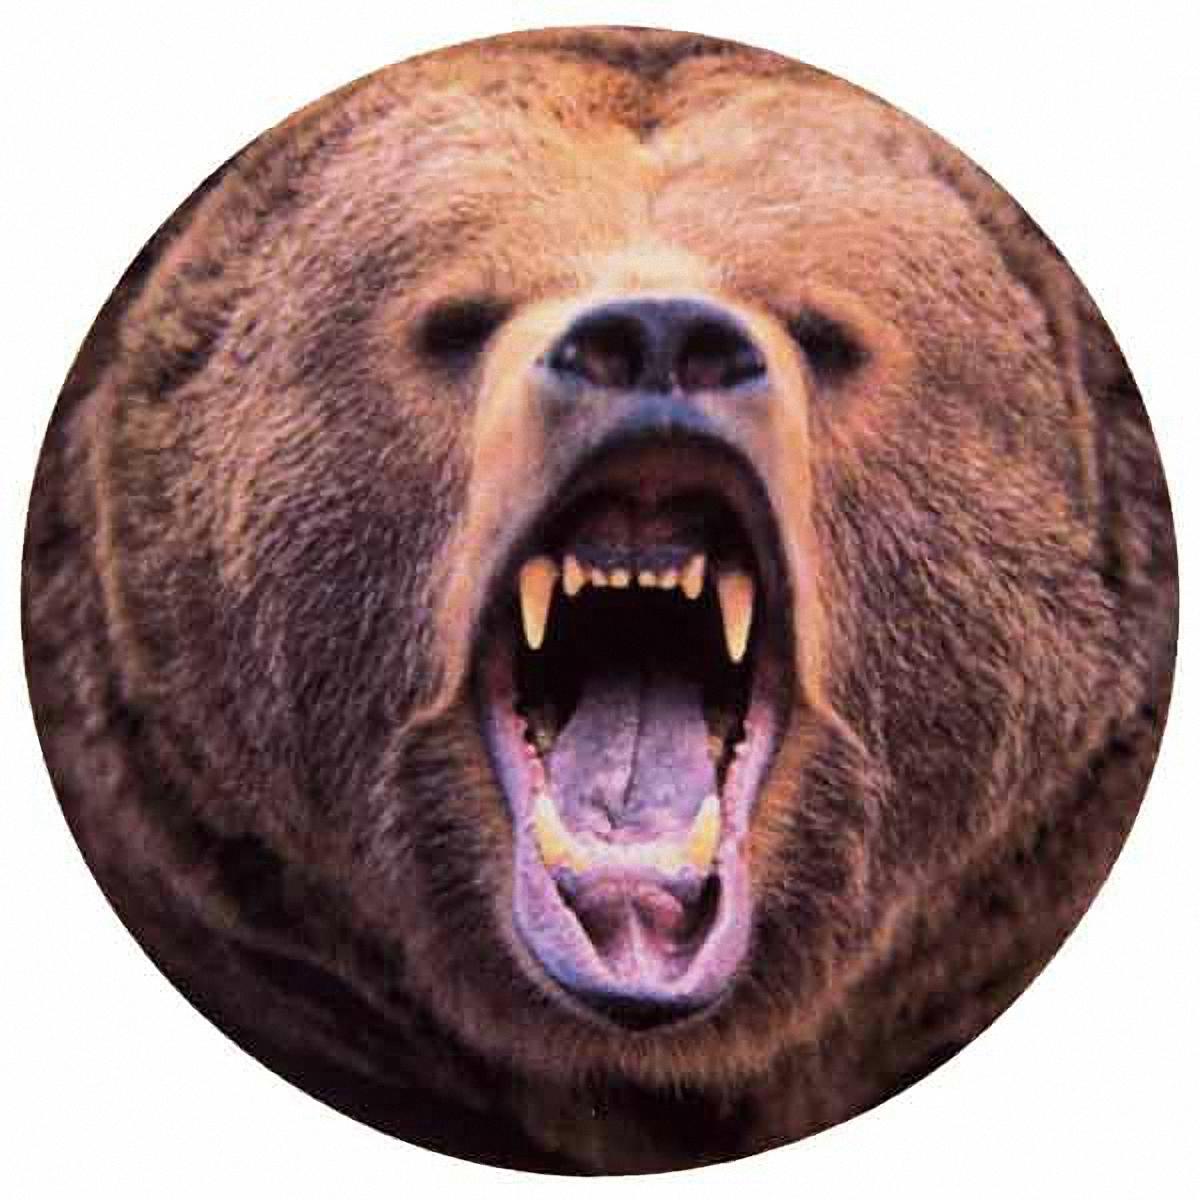 Чехол на запасное колесо Skyway Медведь, диаметр 67 смVCA-00Чехол Skyway Медведь обеспечивает защиту запасного колеса автомобиля от загрязнений, прямых солнечных лучей, воздействия воды, посторонних предметов, агрессивных сред и других негативных факторов. Чехол изготовлен из прочной экокожи, которая легко моется и надолго сохраняет внешний вид. Чехол оформлен оригинальным изображением медведя и снабжен резинкой для легкого надевания. Благодаря чехлу, колесо сохранит свой внешний вид и характеристики. Размер колеса: R16, 17.Диаметр чехла: 67 см.